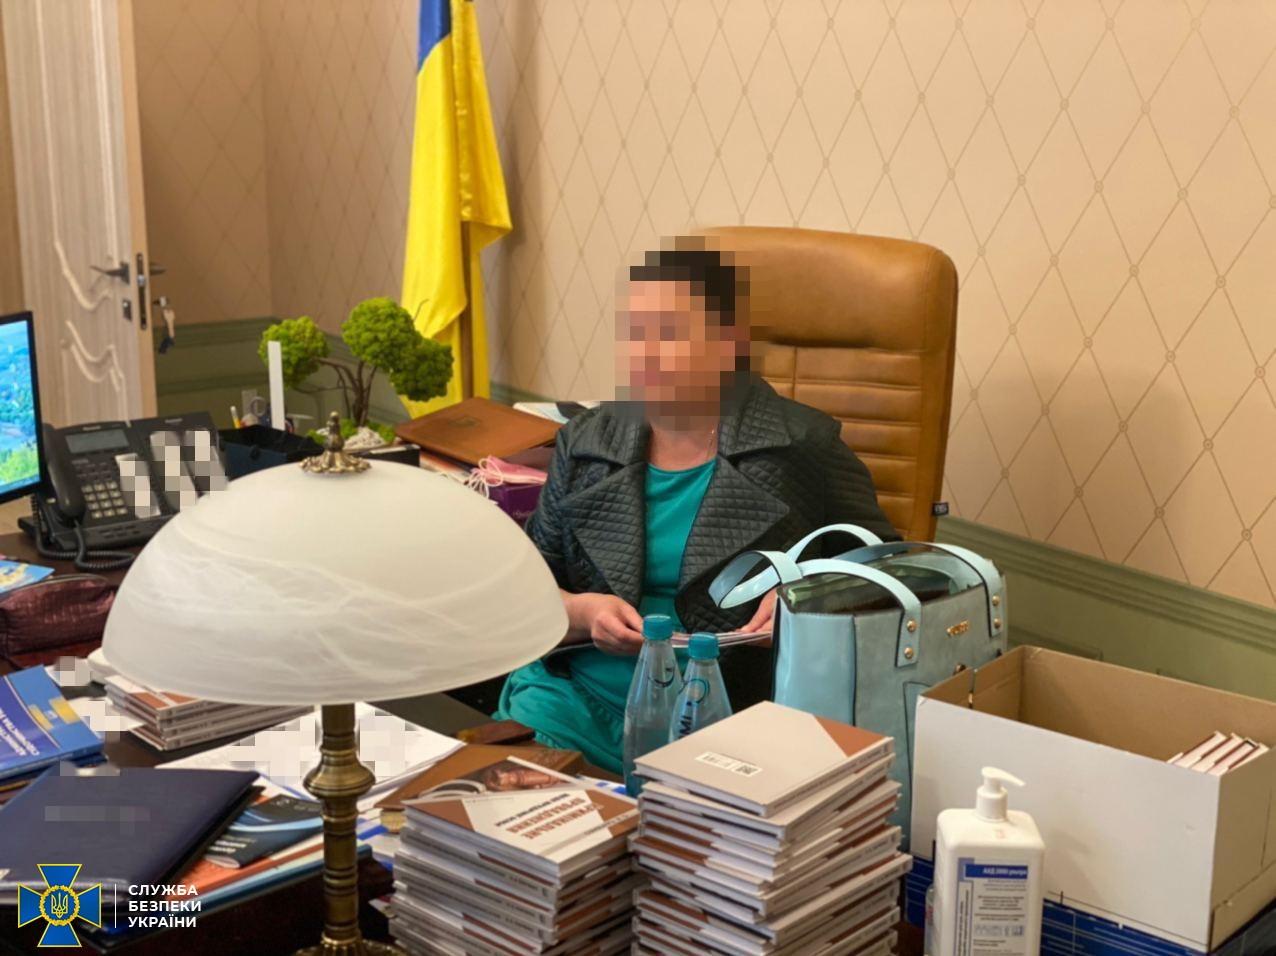 СБУ задержала главу Харьковского окружного админсуда на взятке